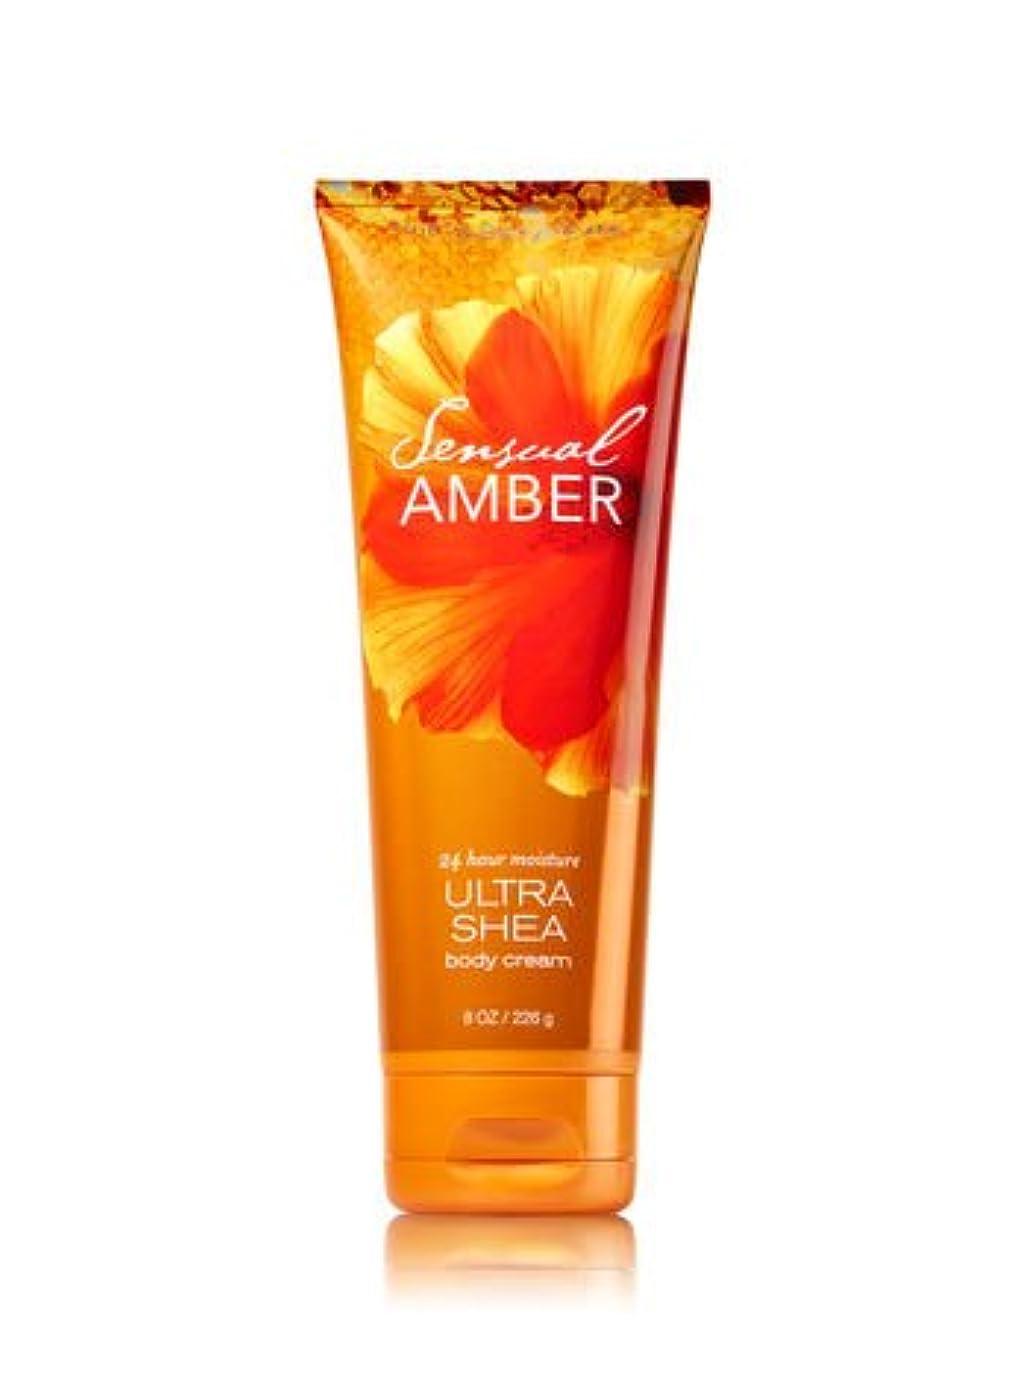 隔離する誰バンBath & Body Works バスアンドボディワークス ボディクリーム 並行輸入 (Sensual Amber)